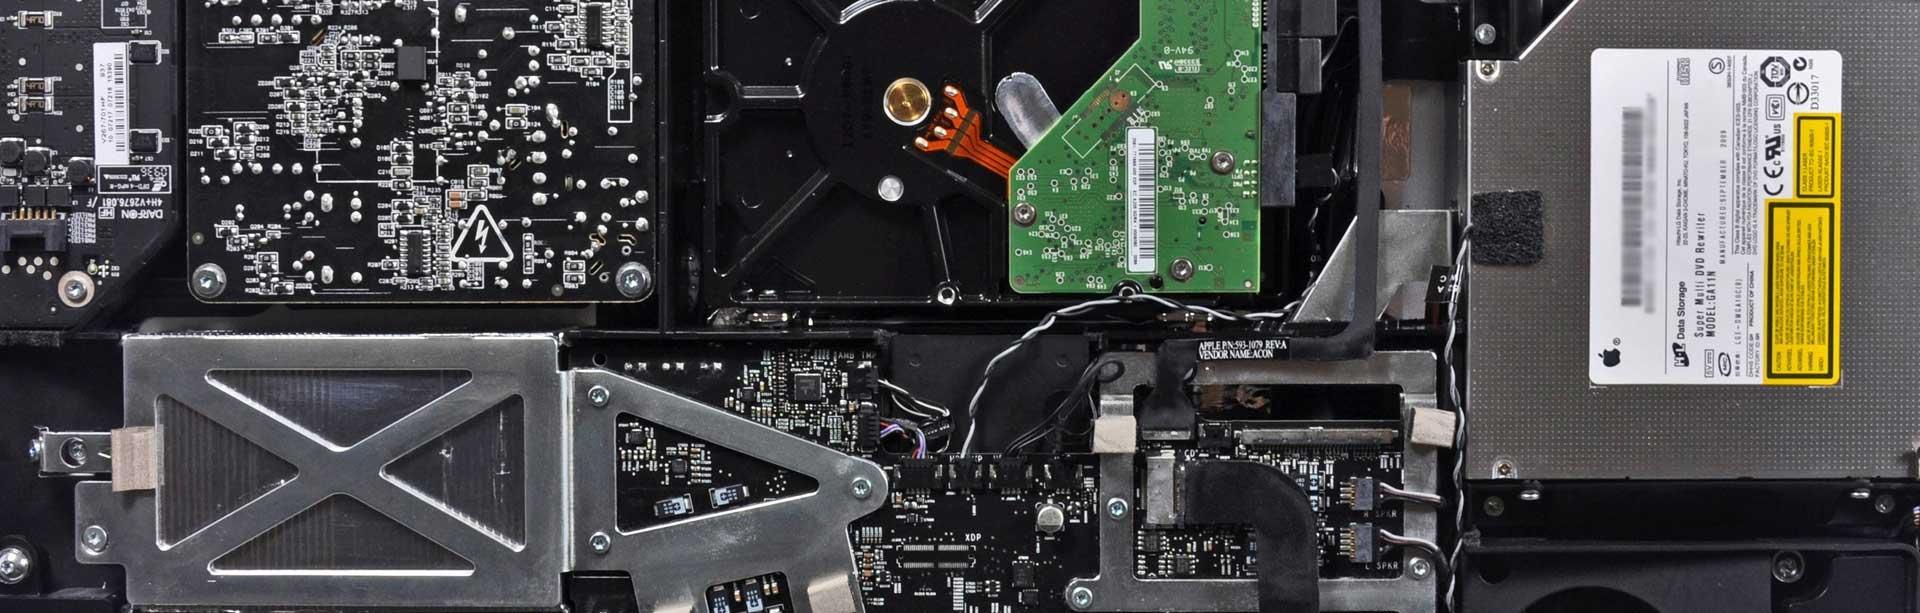 Reparación de iMac. Servicio técnico Apple